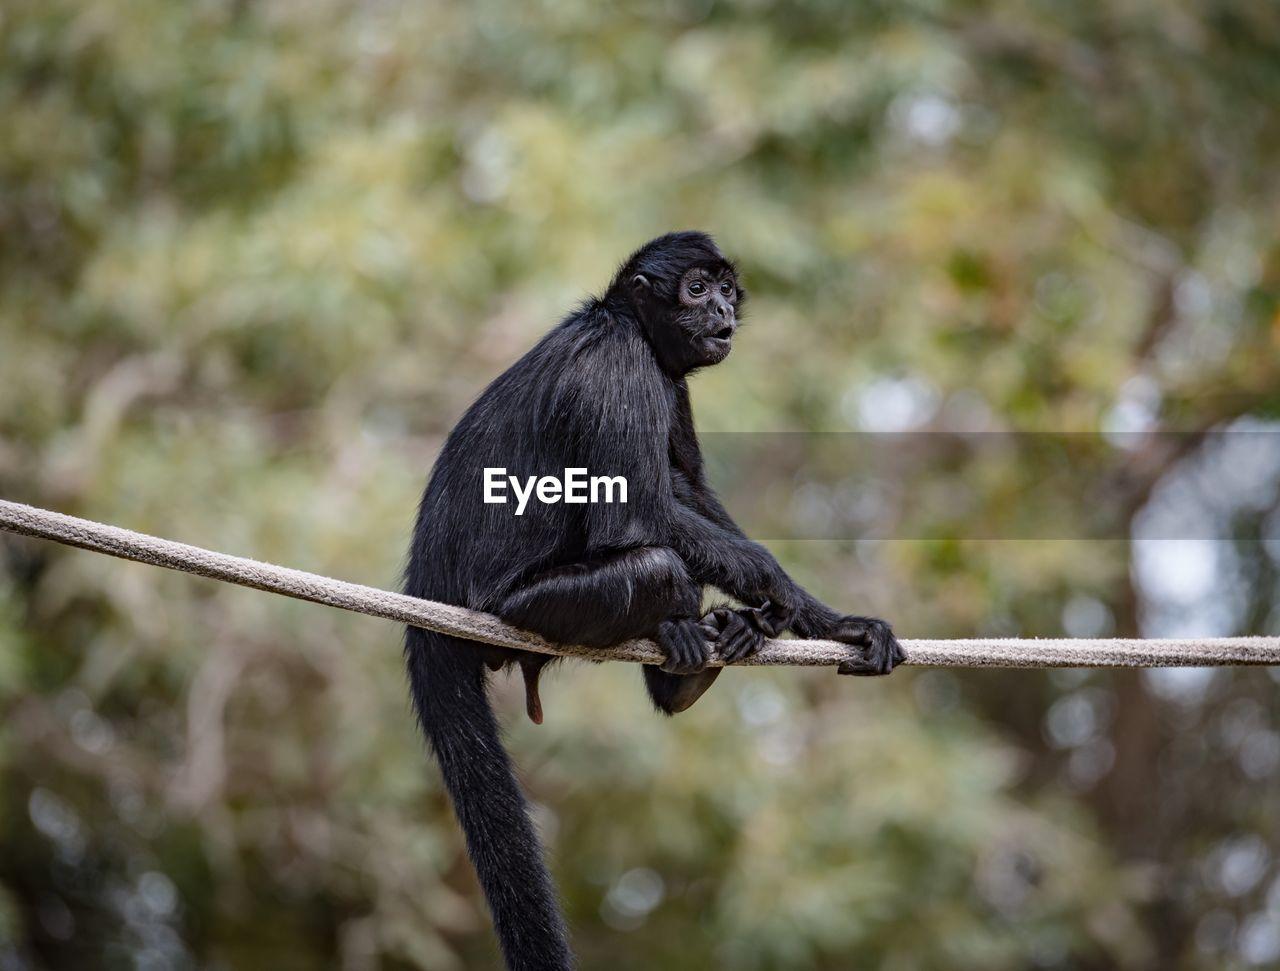 Close-Up Of Monkey Sitting On Rope